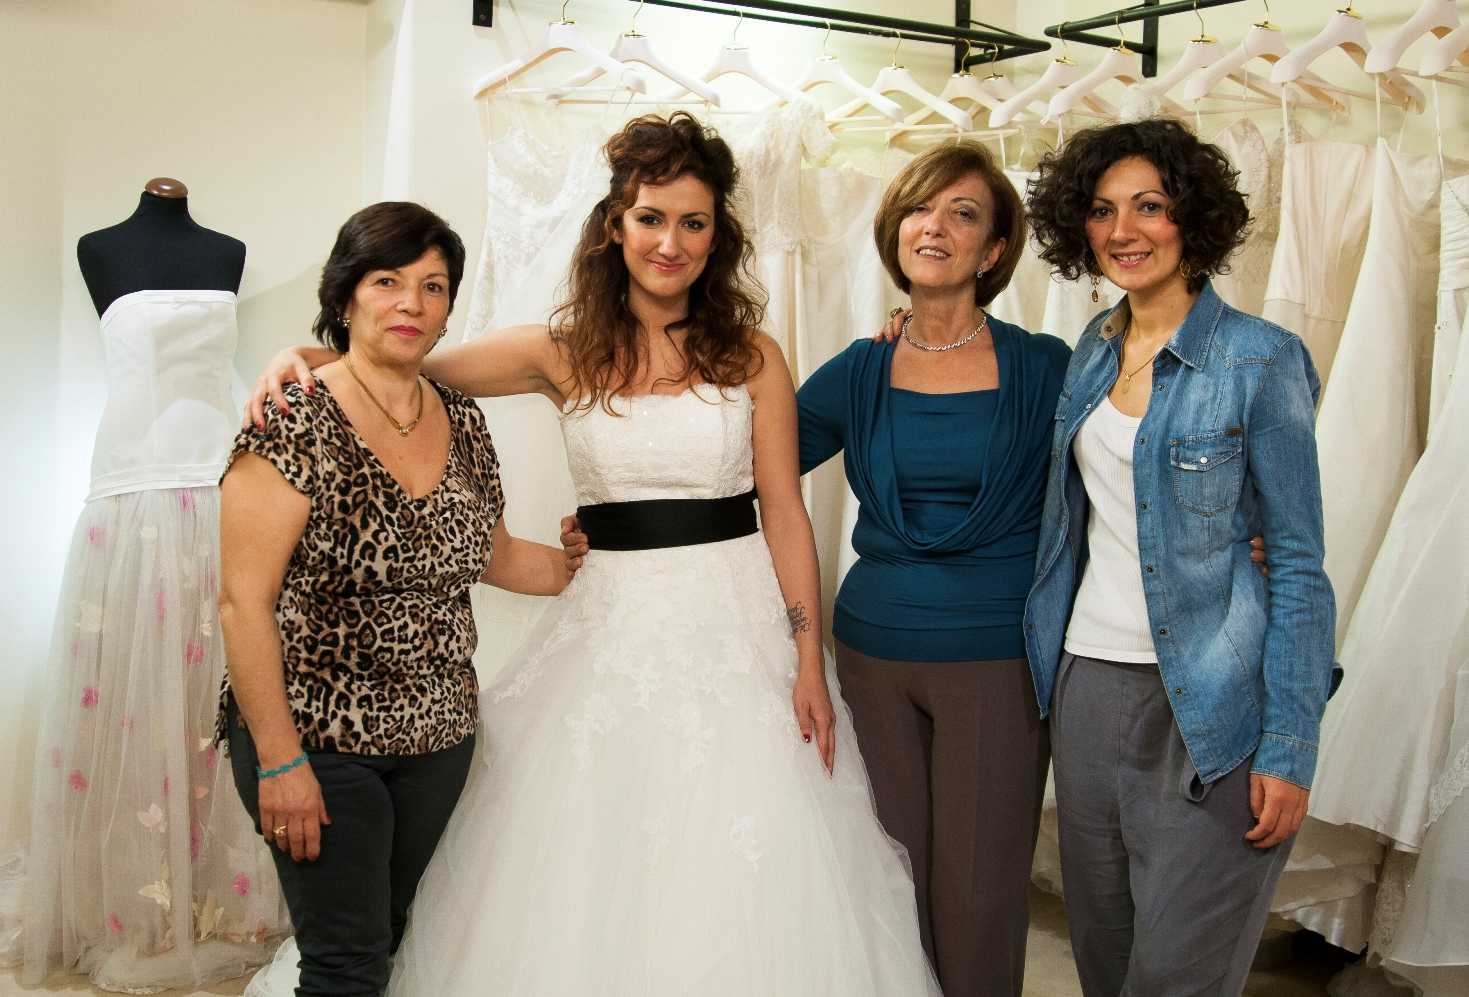 Su LeiTv un nuovo episodio di Chi veste la sposa? Mamma contro Suocera  | Digitale terrestre: Dtti.it